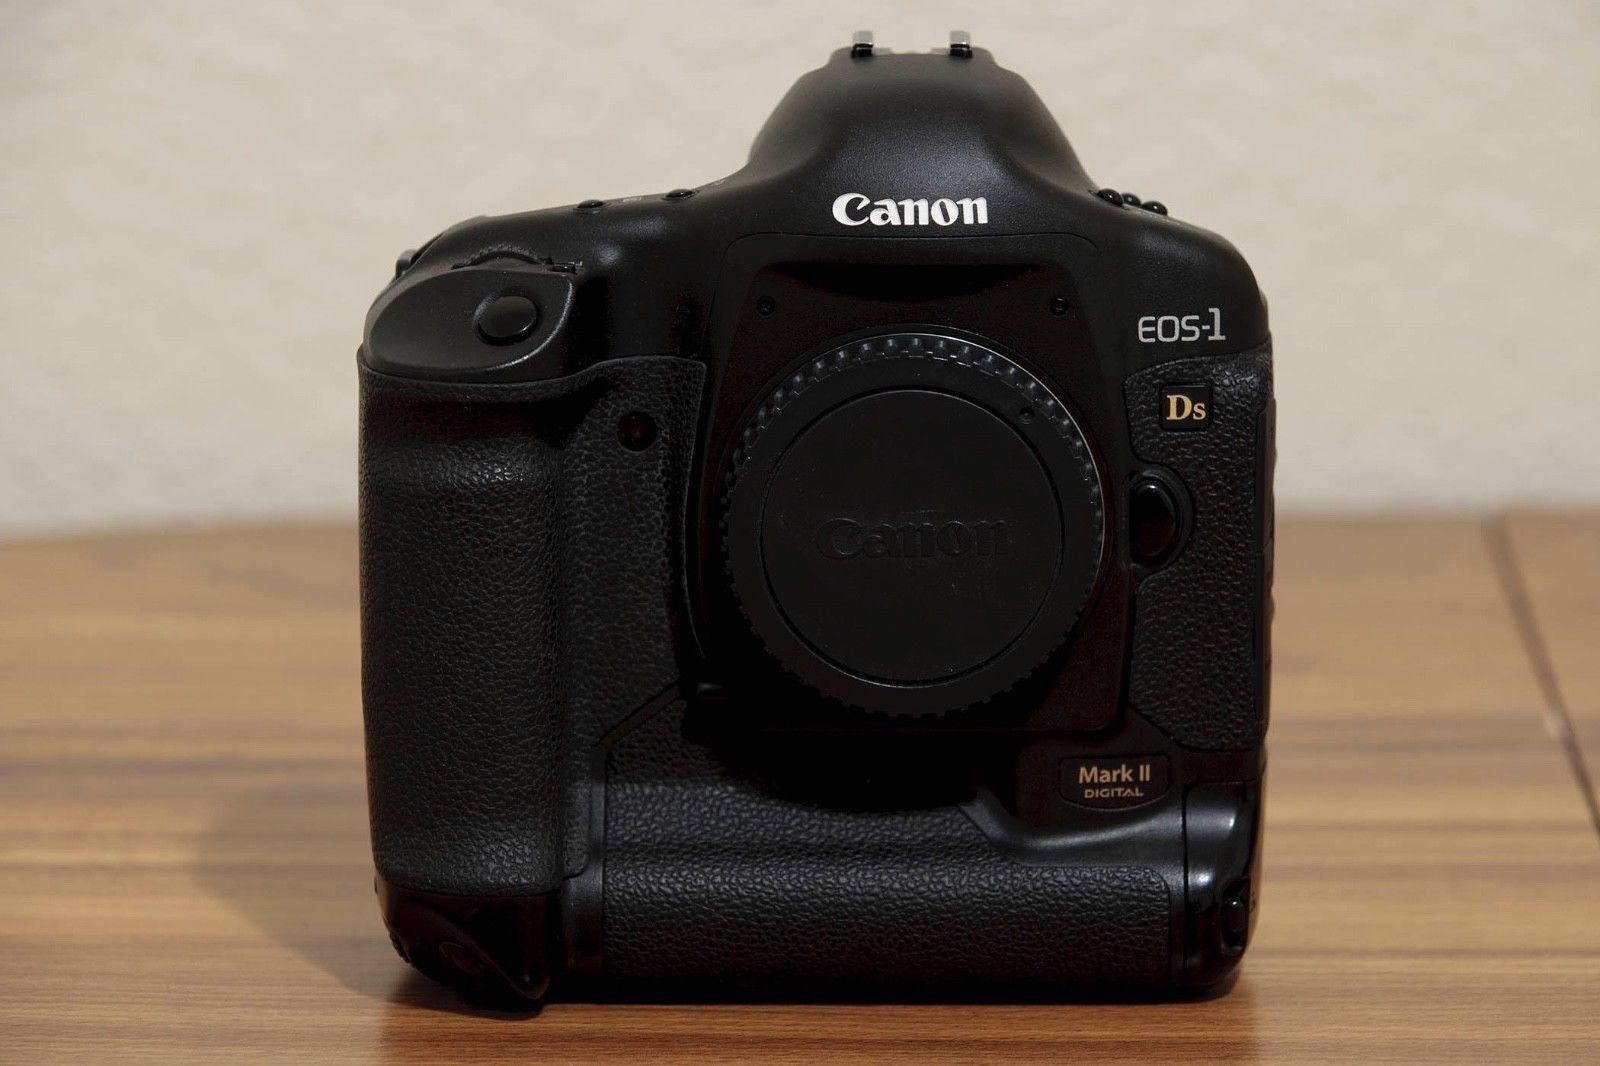 Canon Eos 1ds Mark Ii 16 7mp Digital Slr Camera Ac Power Supply Batt Charger Digital Slr Camera Digital Camera Canon Eos